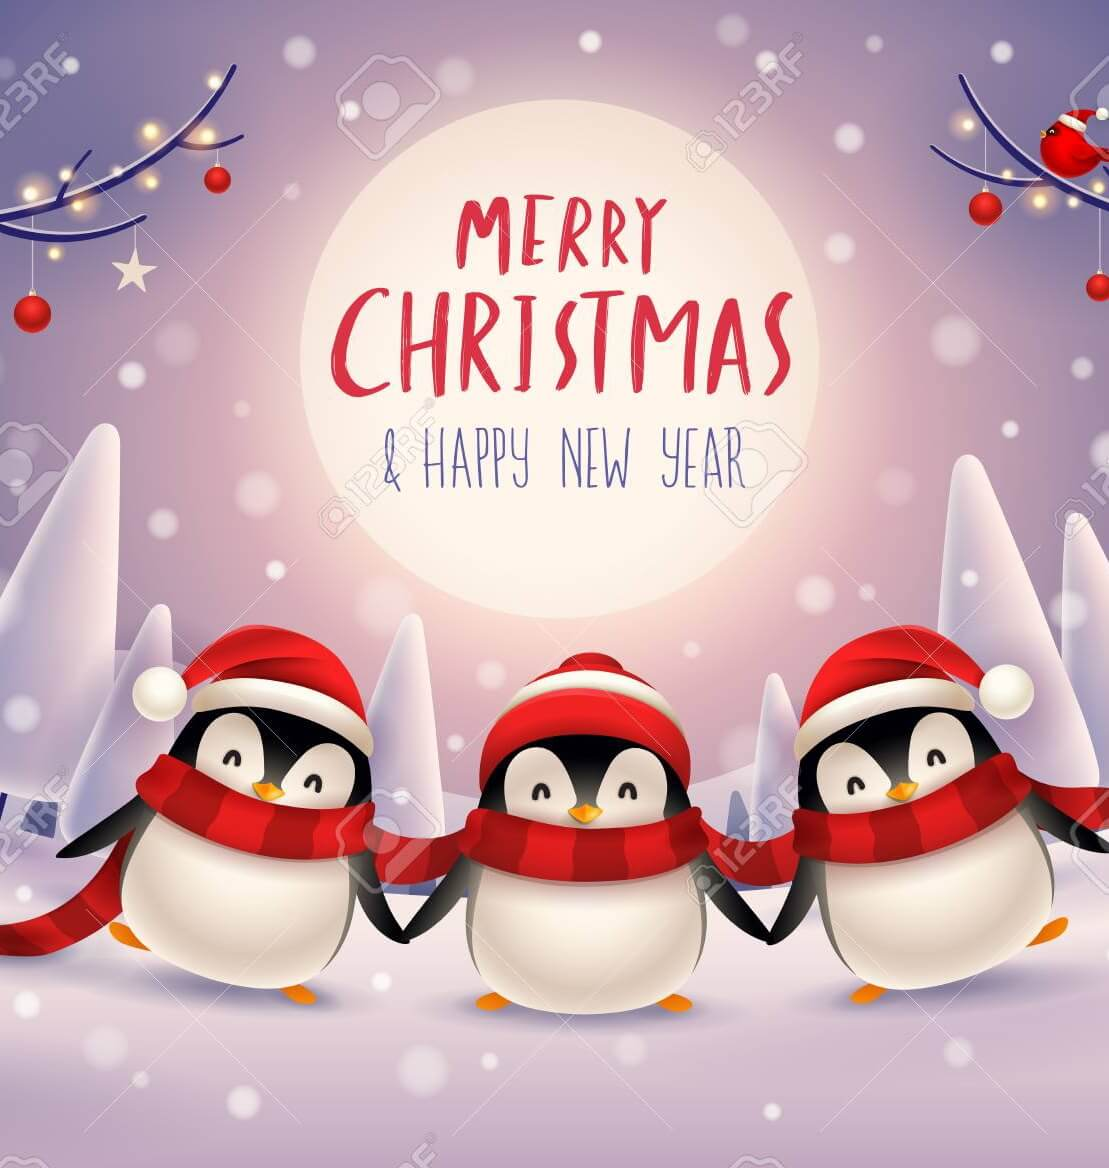 گیف متحرک تبریک کریسمس